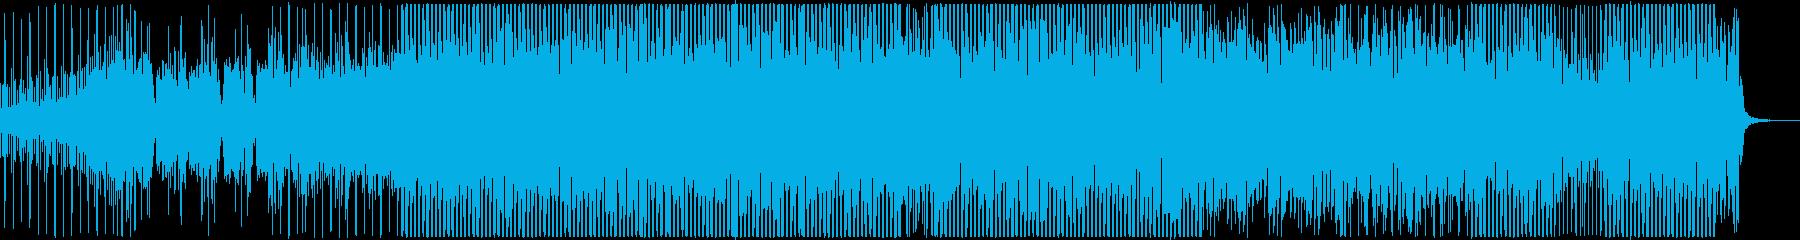 【歌】和楽器使用女性英詩ボーカルポップスの再生済みの波形